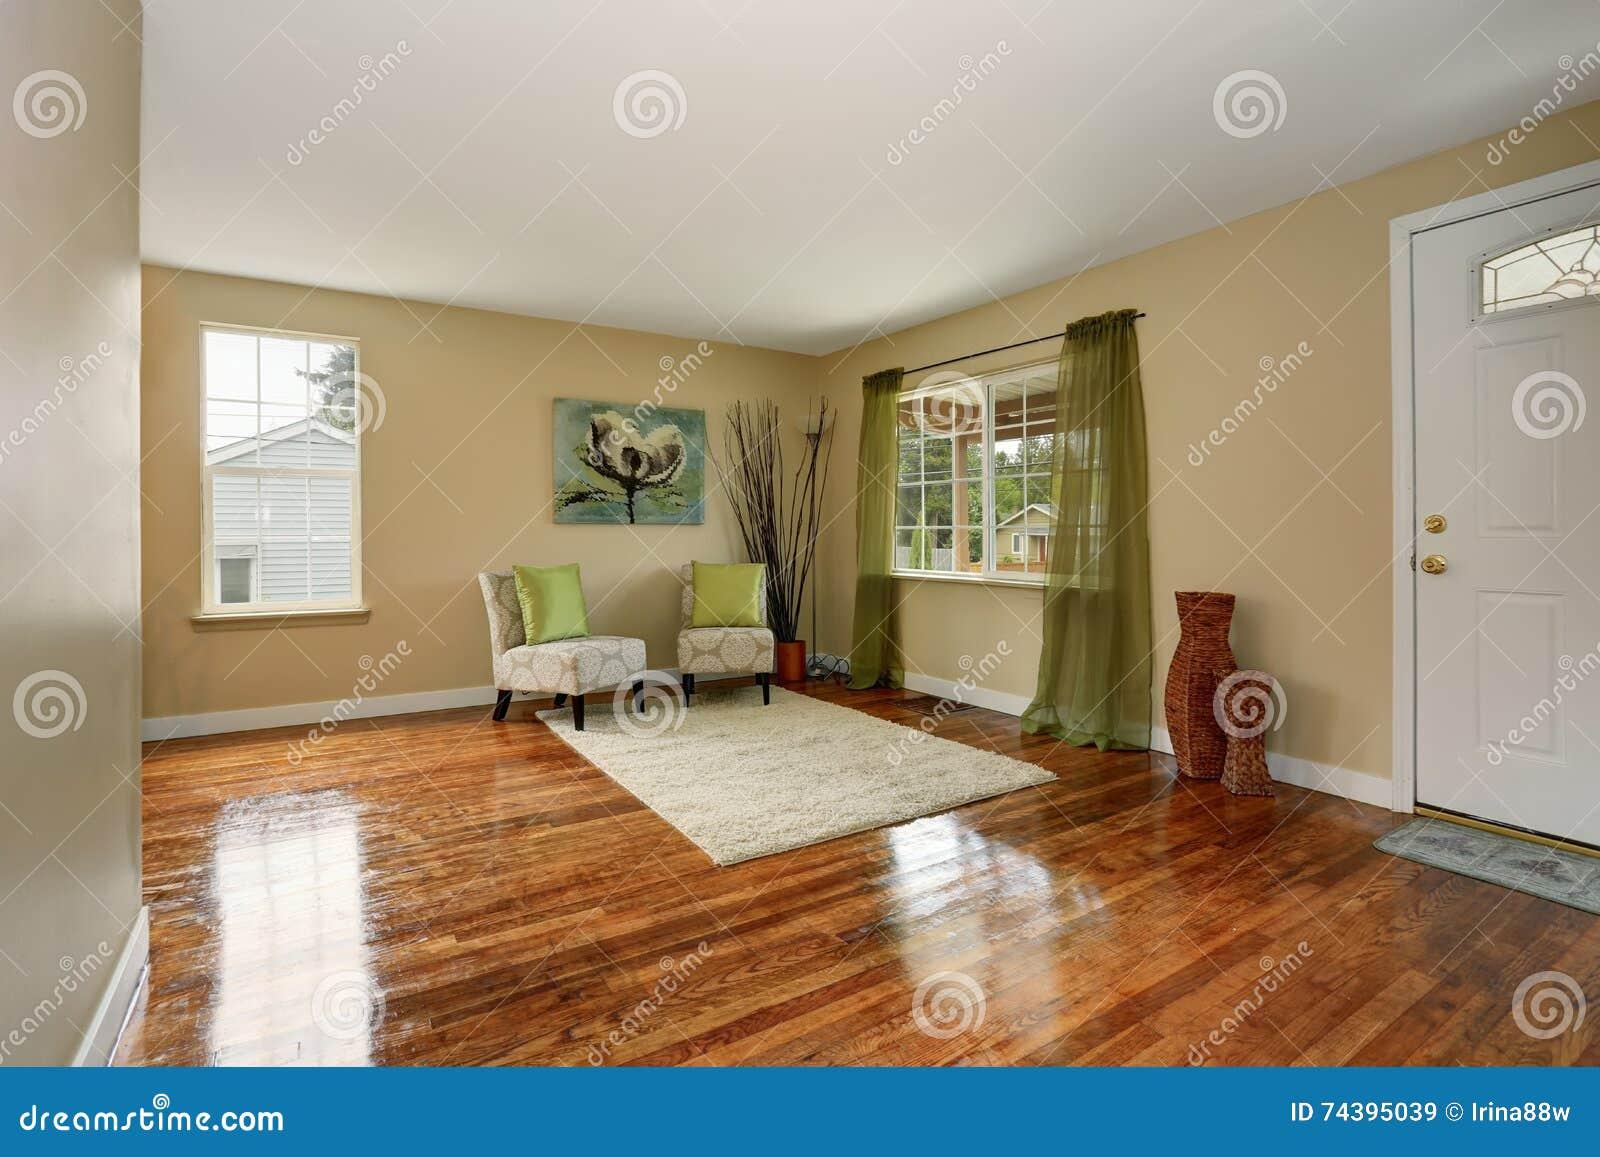 Gemütliches Beige Wohnzimmer Mit Glänzendem Massivholzboden Und ...